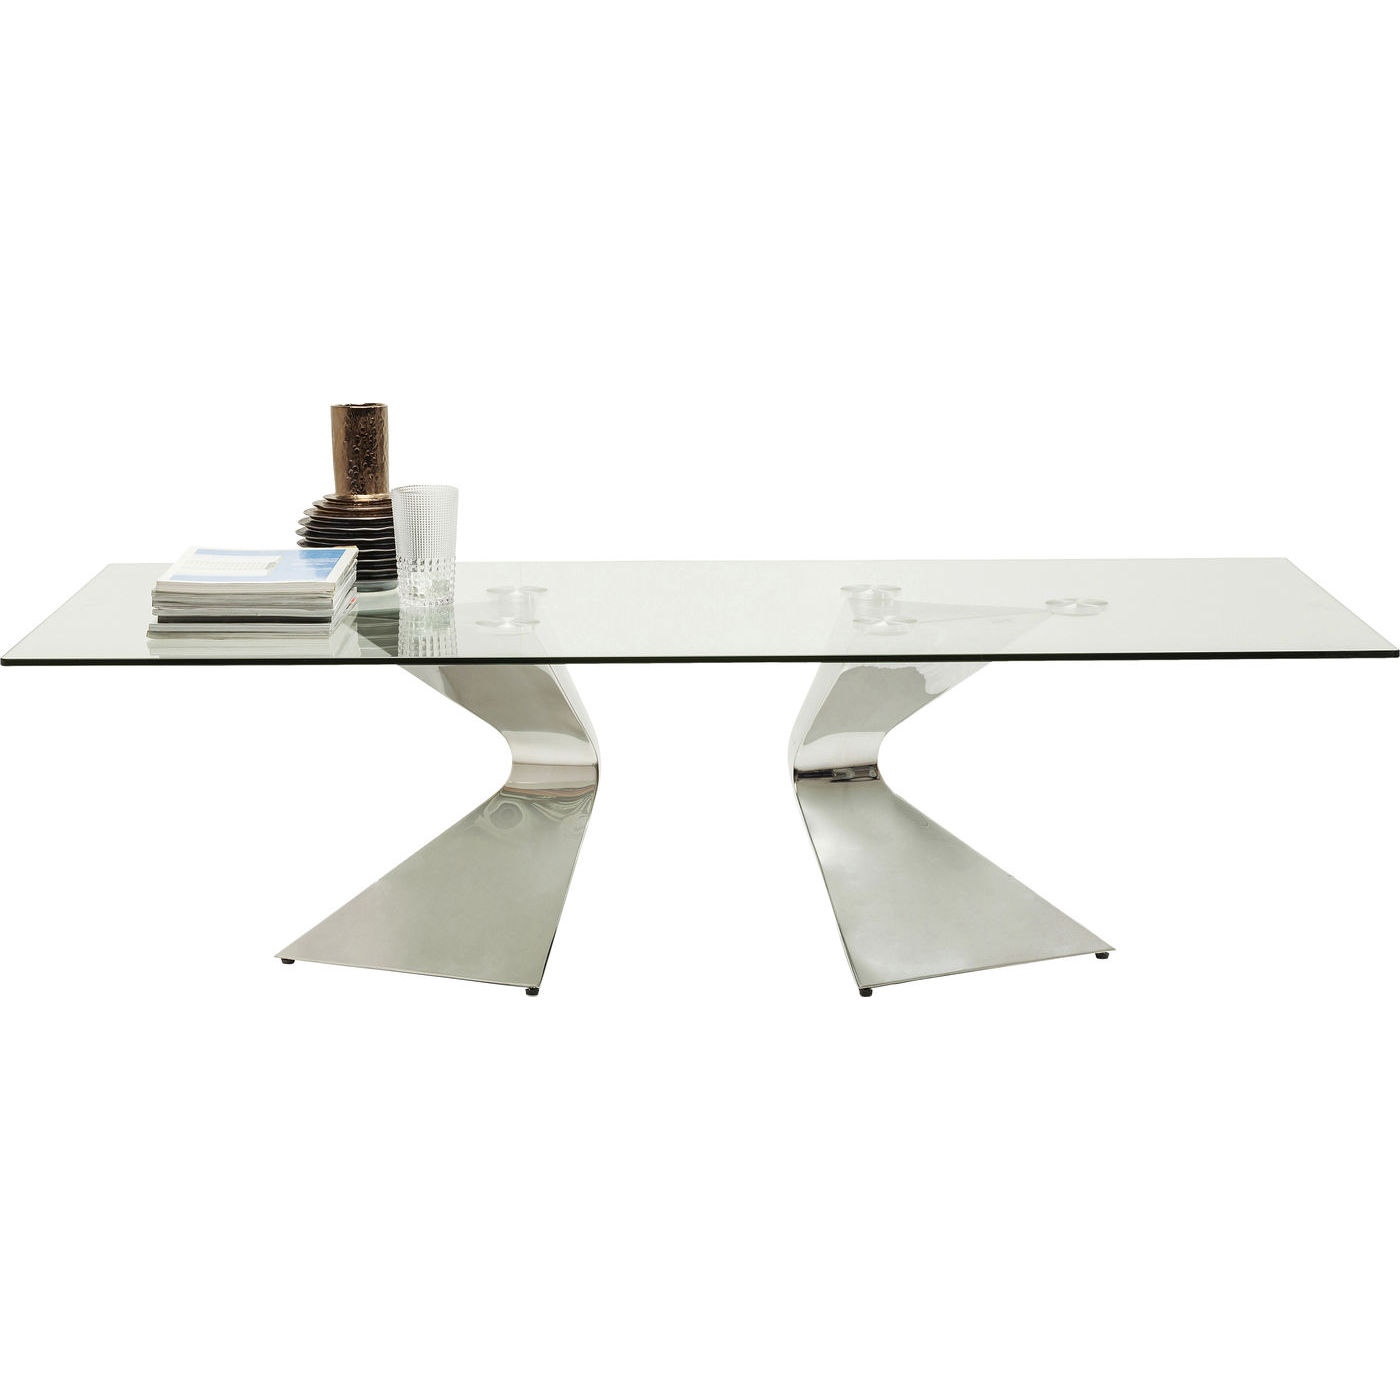 billige sofaborde online billig sofaer kob kare design sofabord gloria chrome 140x82cm billigt pa tilbud